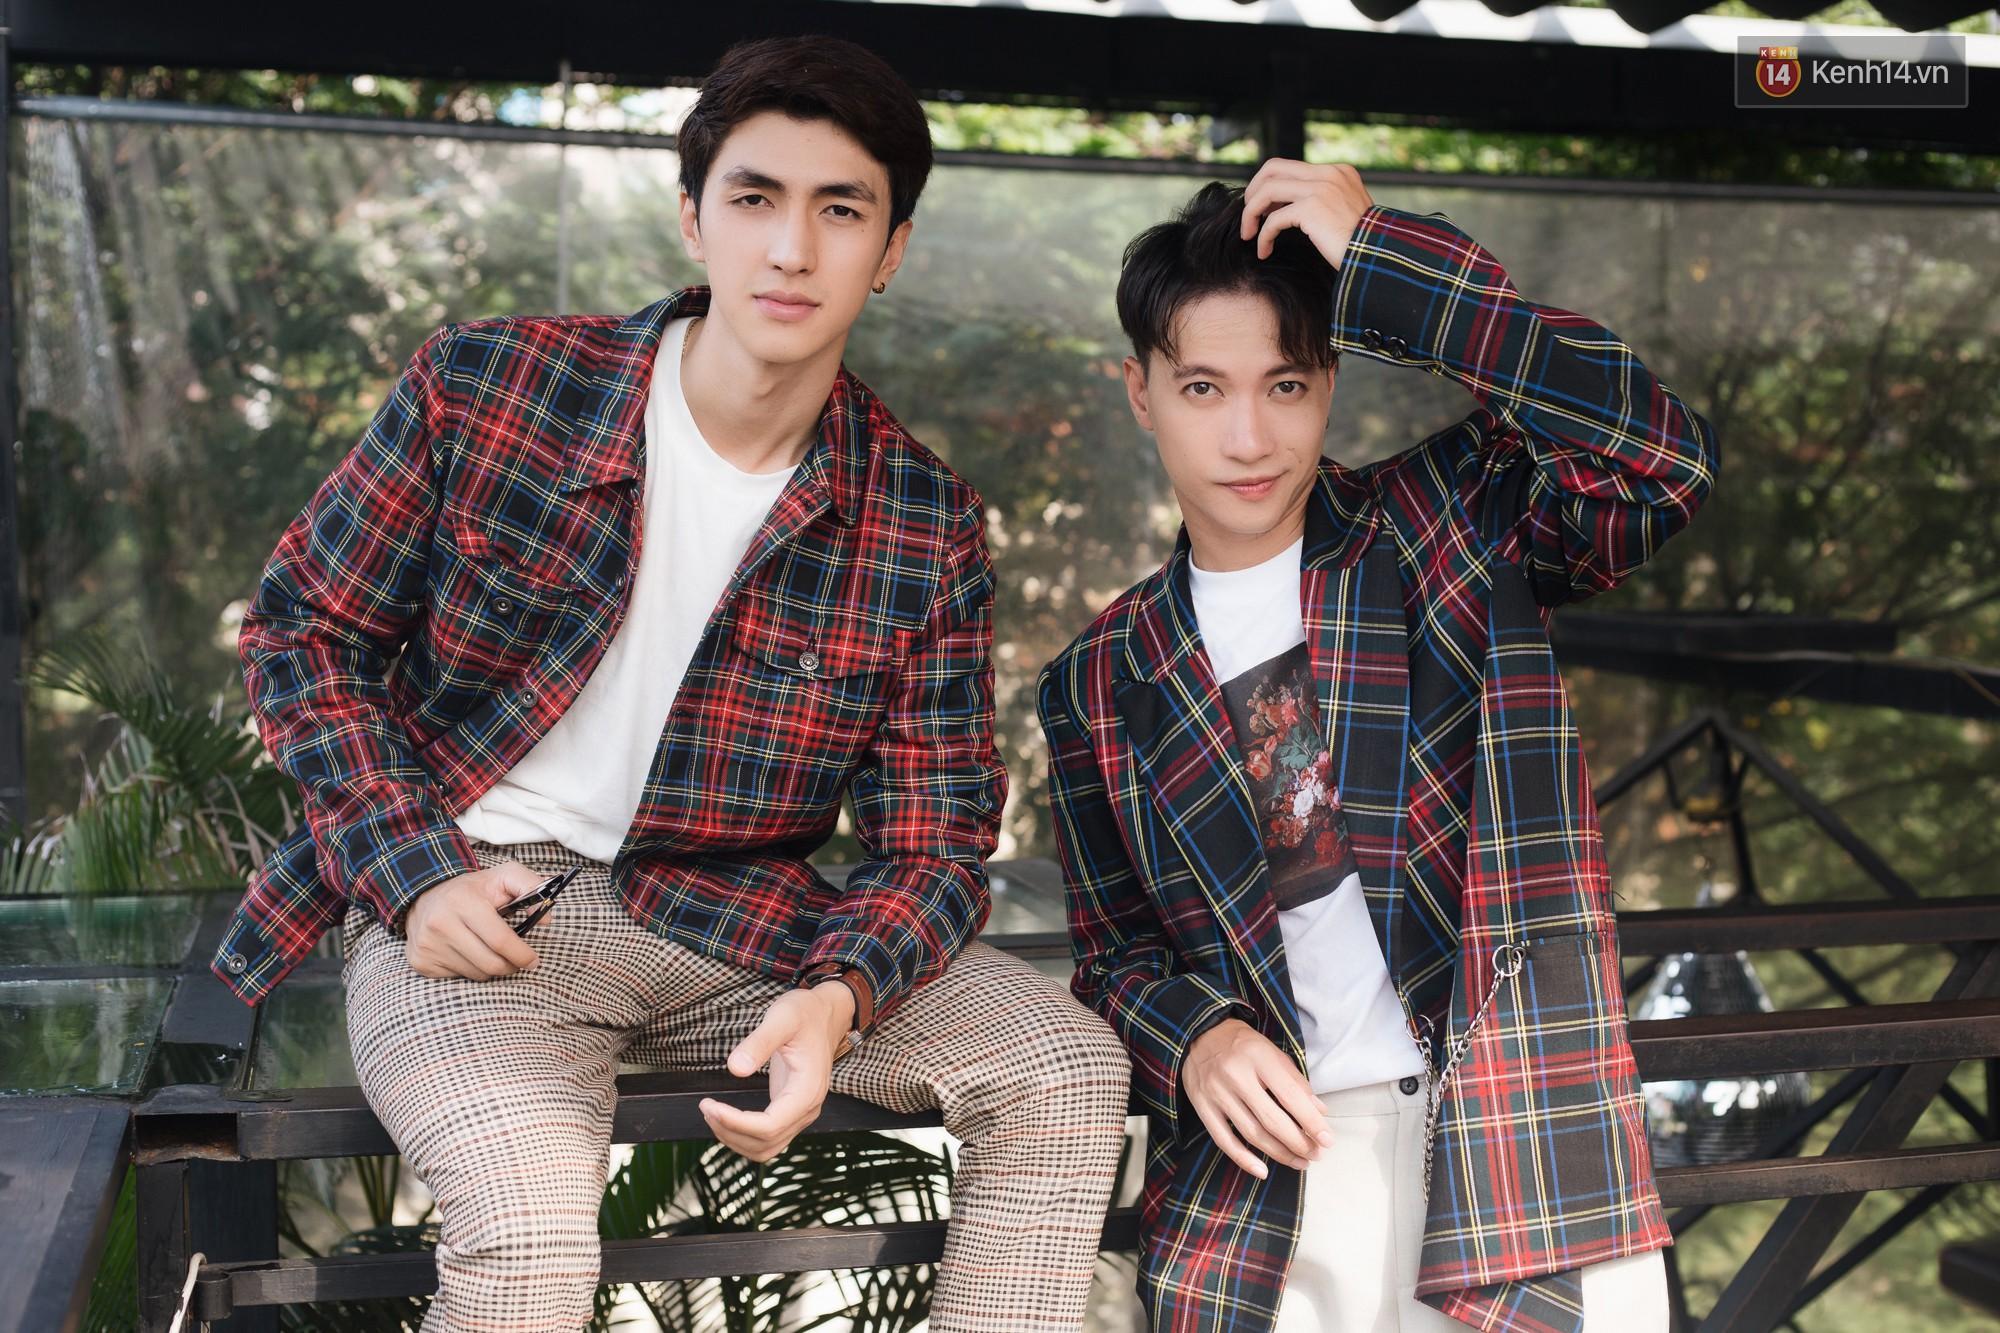 Team Nâu Cuộc đua kỳ thú 2019: Bình An và S.T Sơn Thạch tiết lộ không bao giờ ngồi ăn cơm cùng nhau - Ảnh 1.